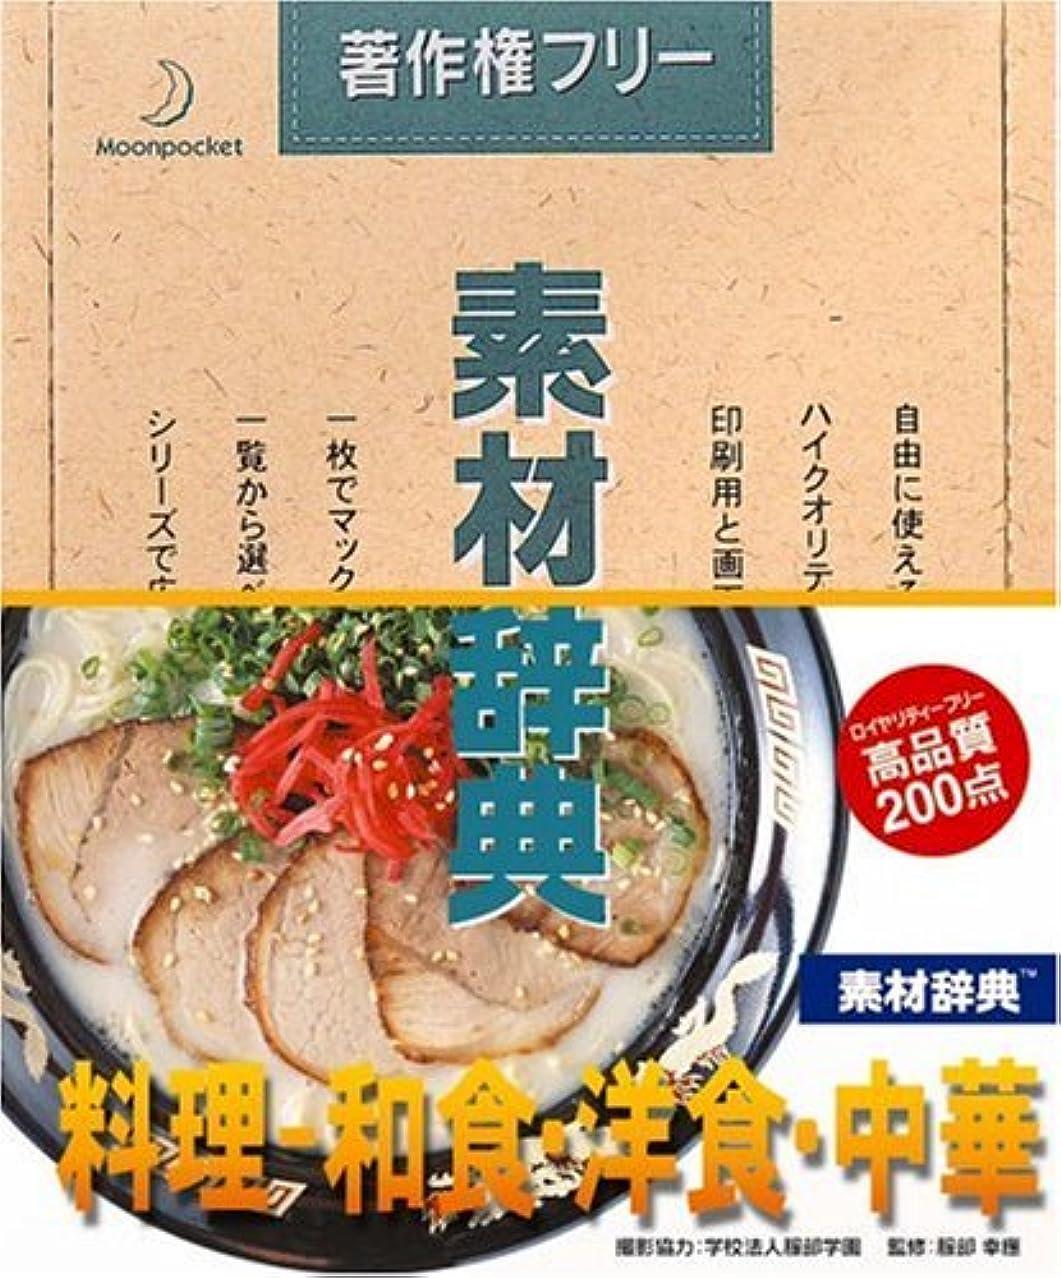 コークス患者ふさわしい素材辞典 Vol.73 料理 和食?洋食?中華編